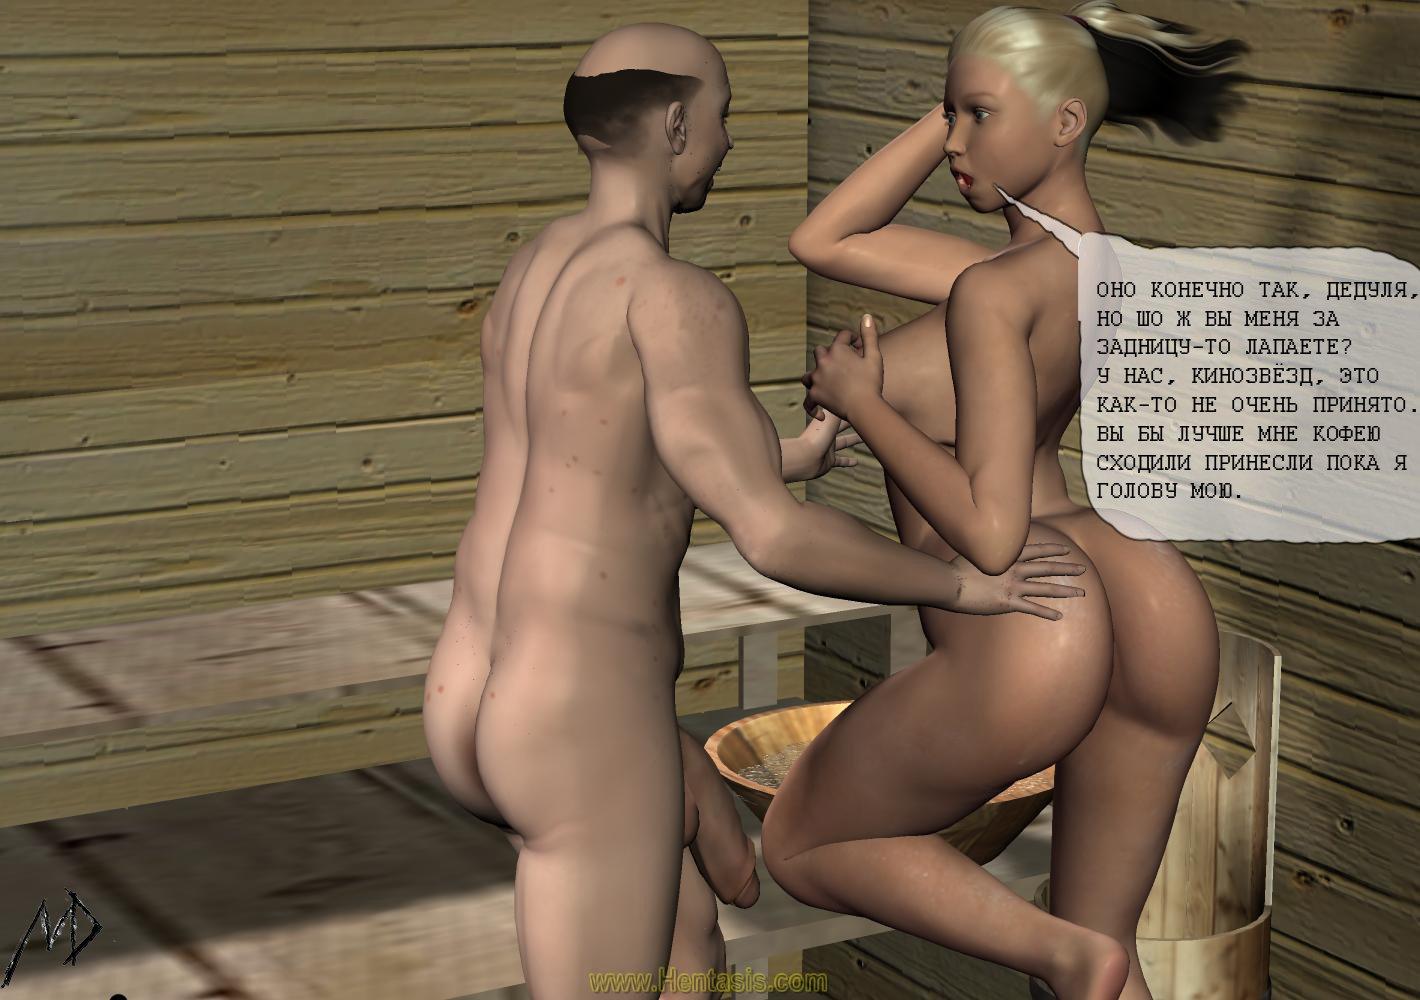 Читать порно рассказ инцест, Инцест - эротические рассказы Читайте в разделе 7 фотография